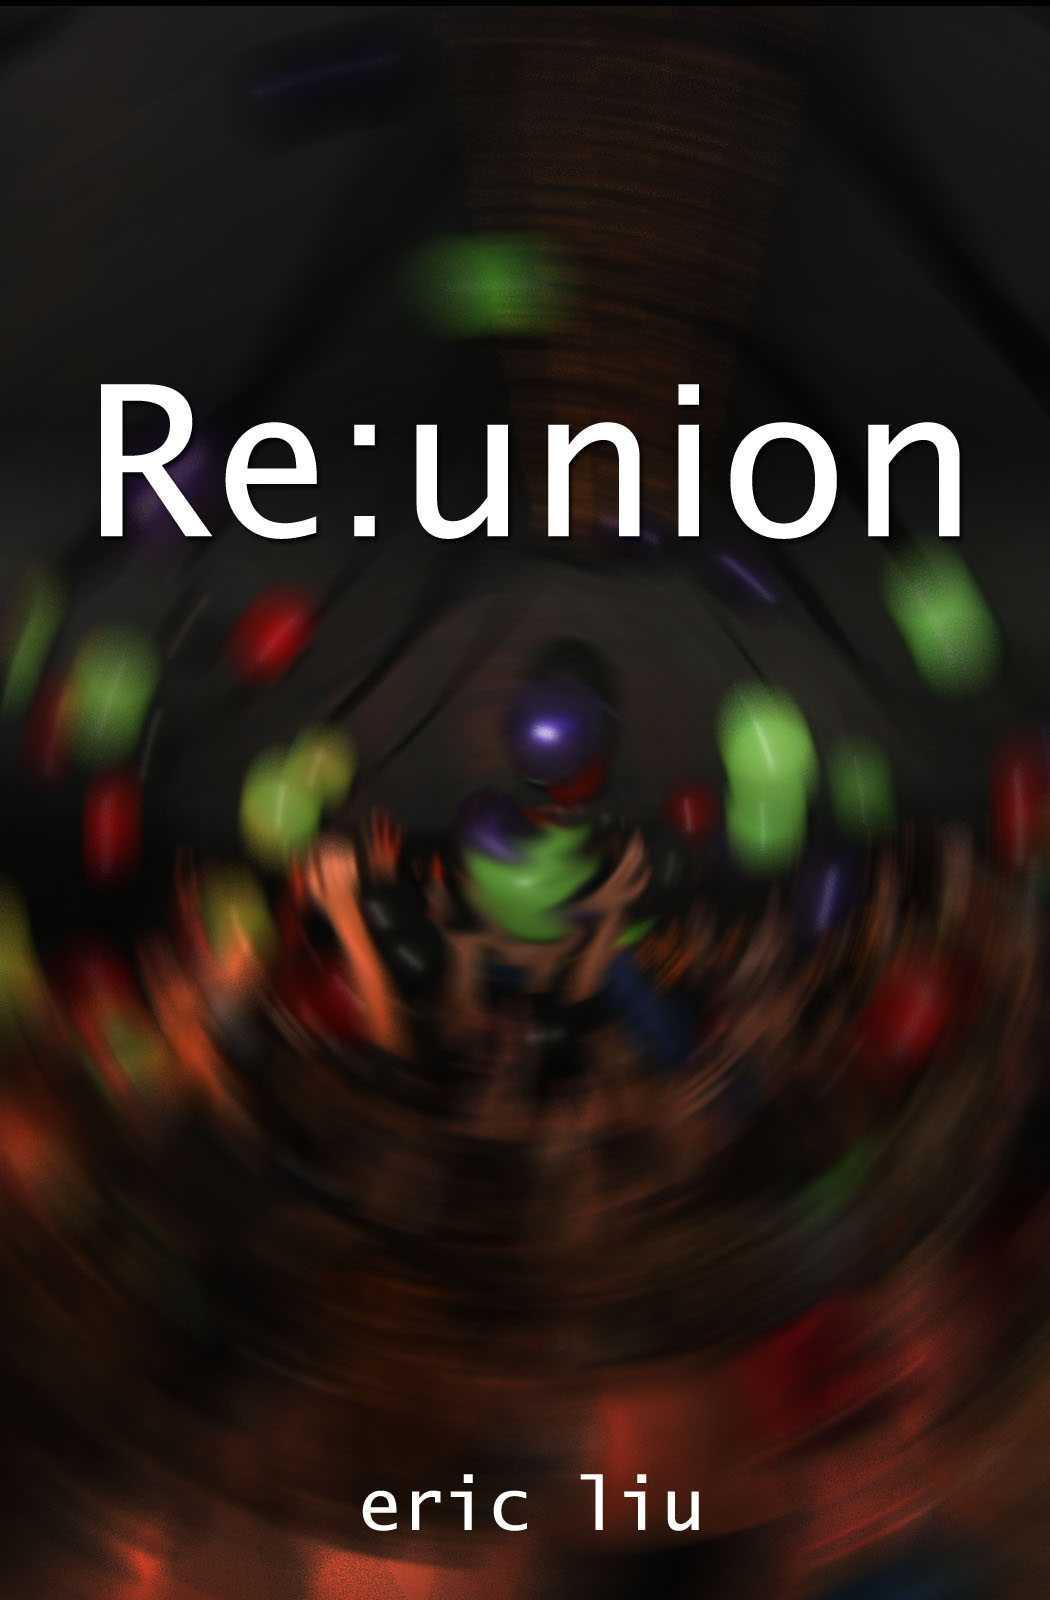 Re: union